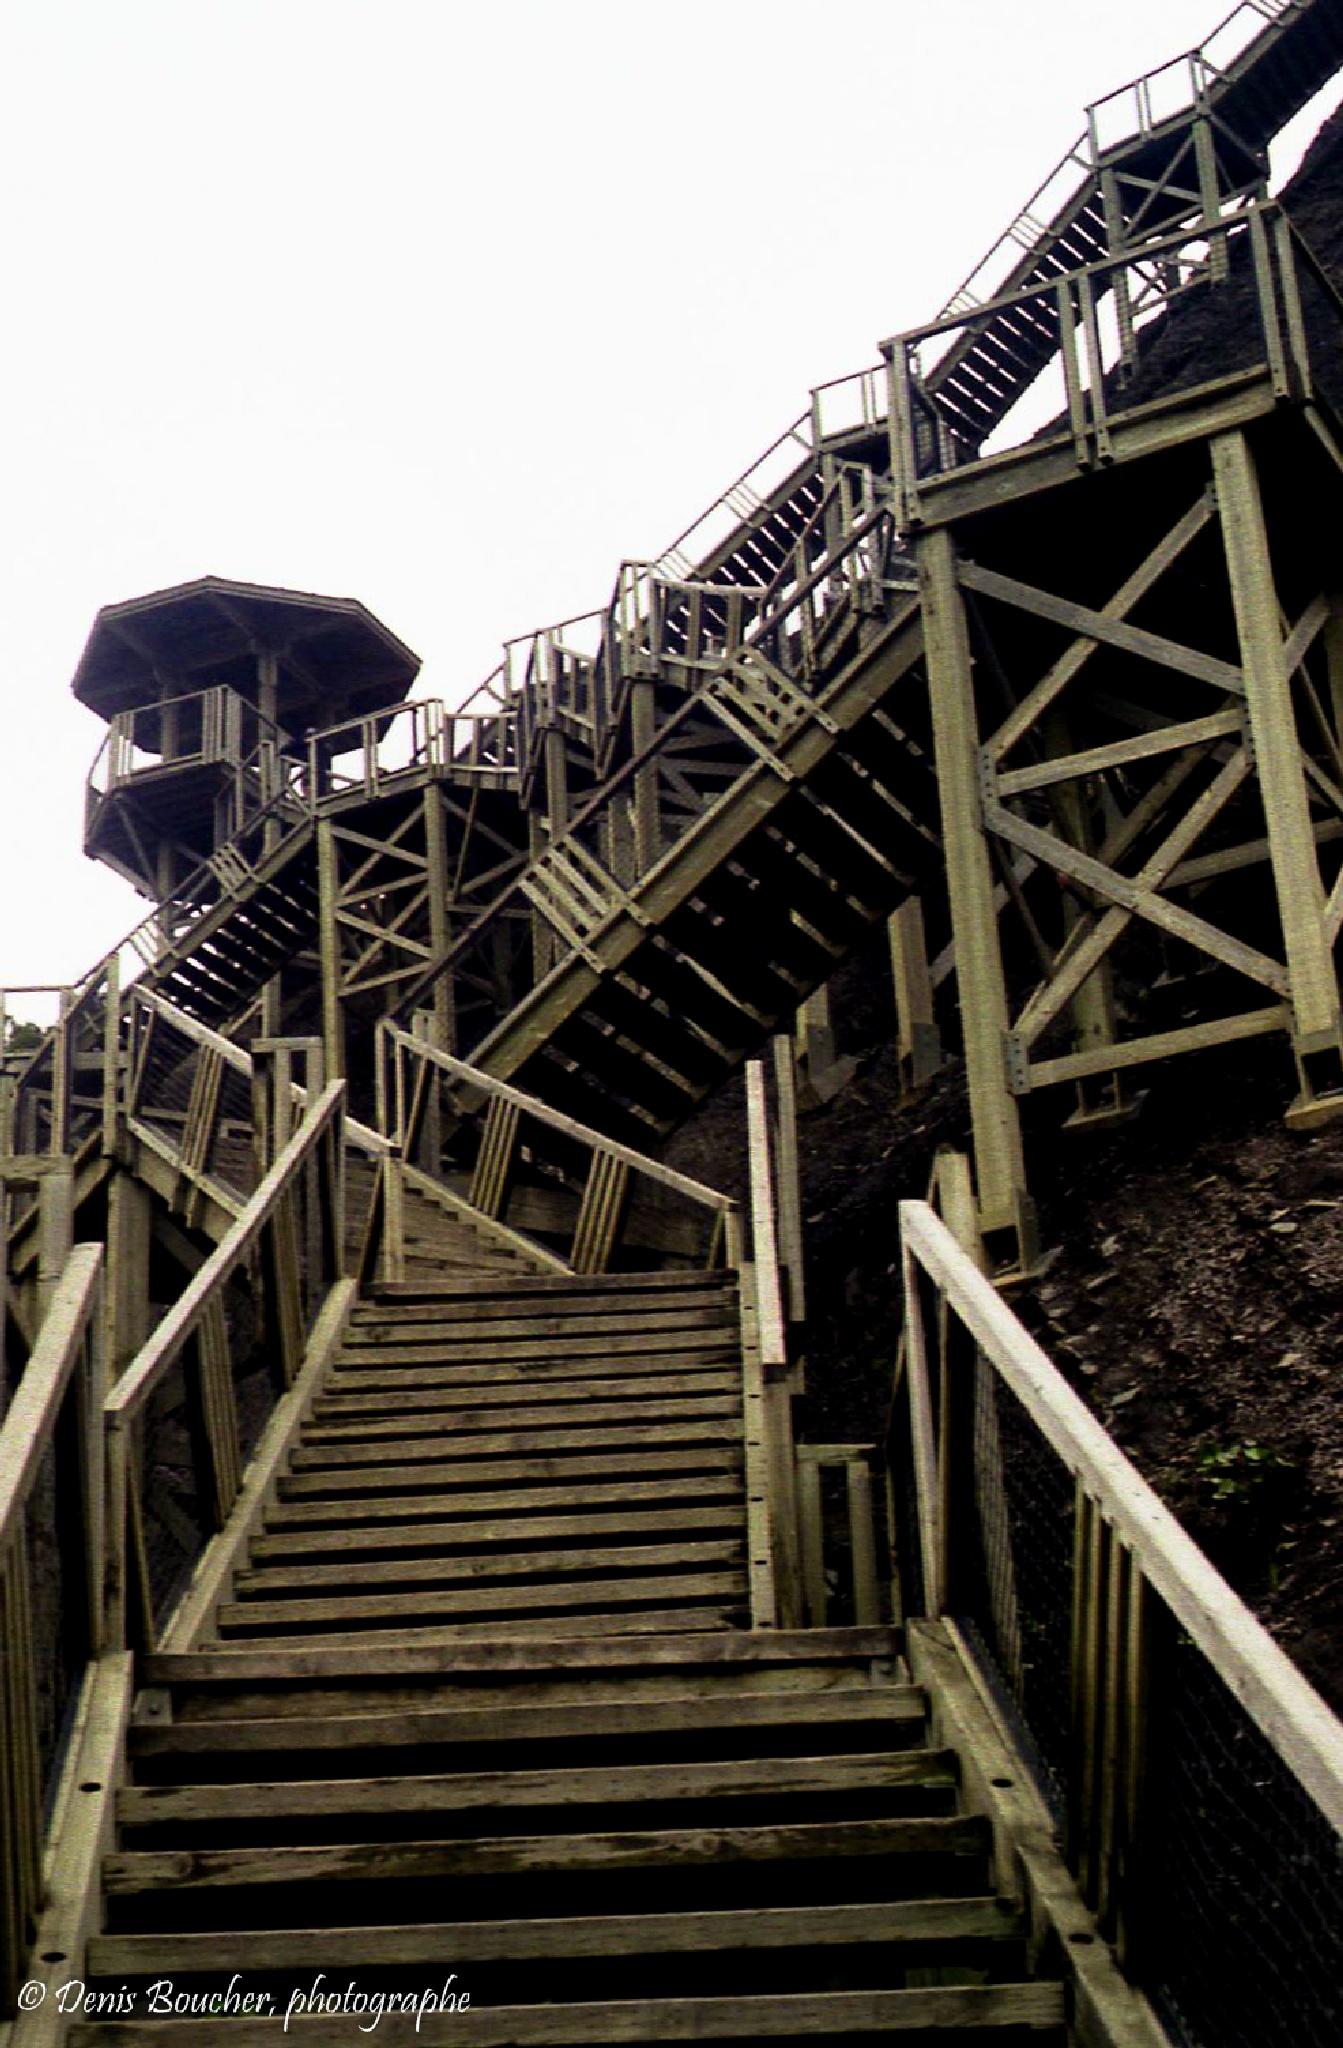 L'escalier by Denis Boucher